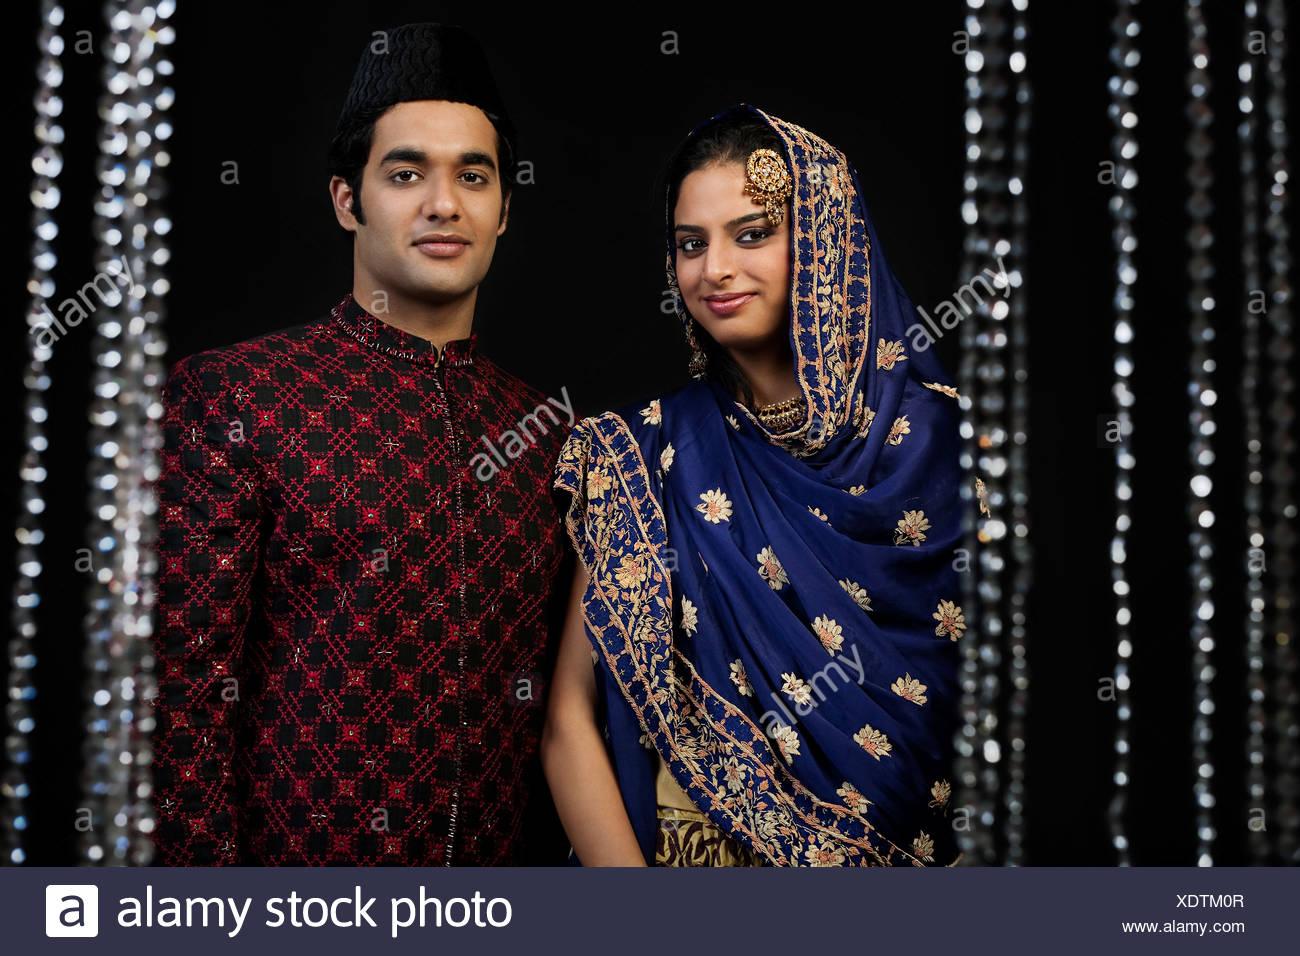 Muslim Couple Stock Photos & Muslim Couple Stock Images - Alamy